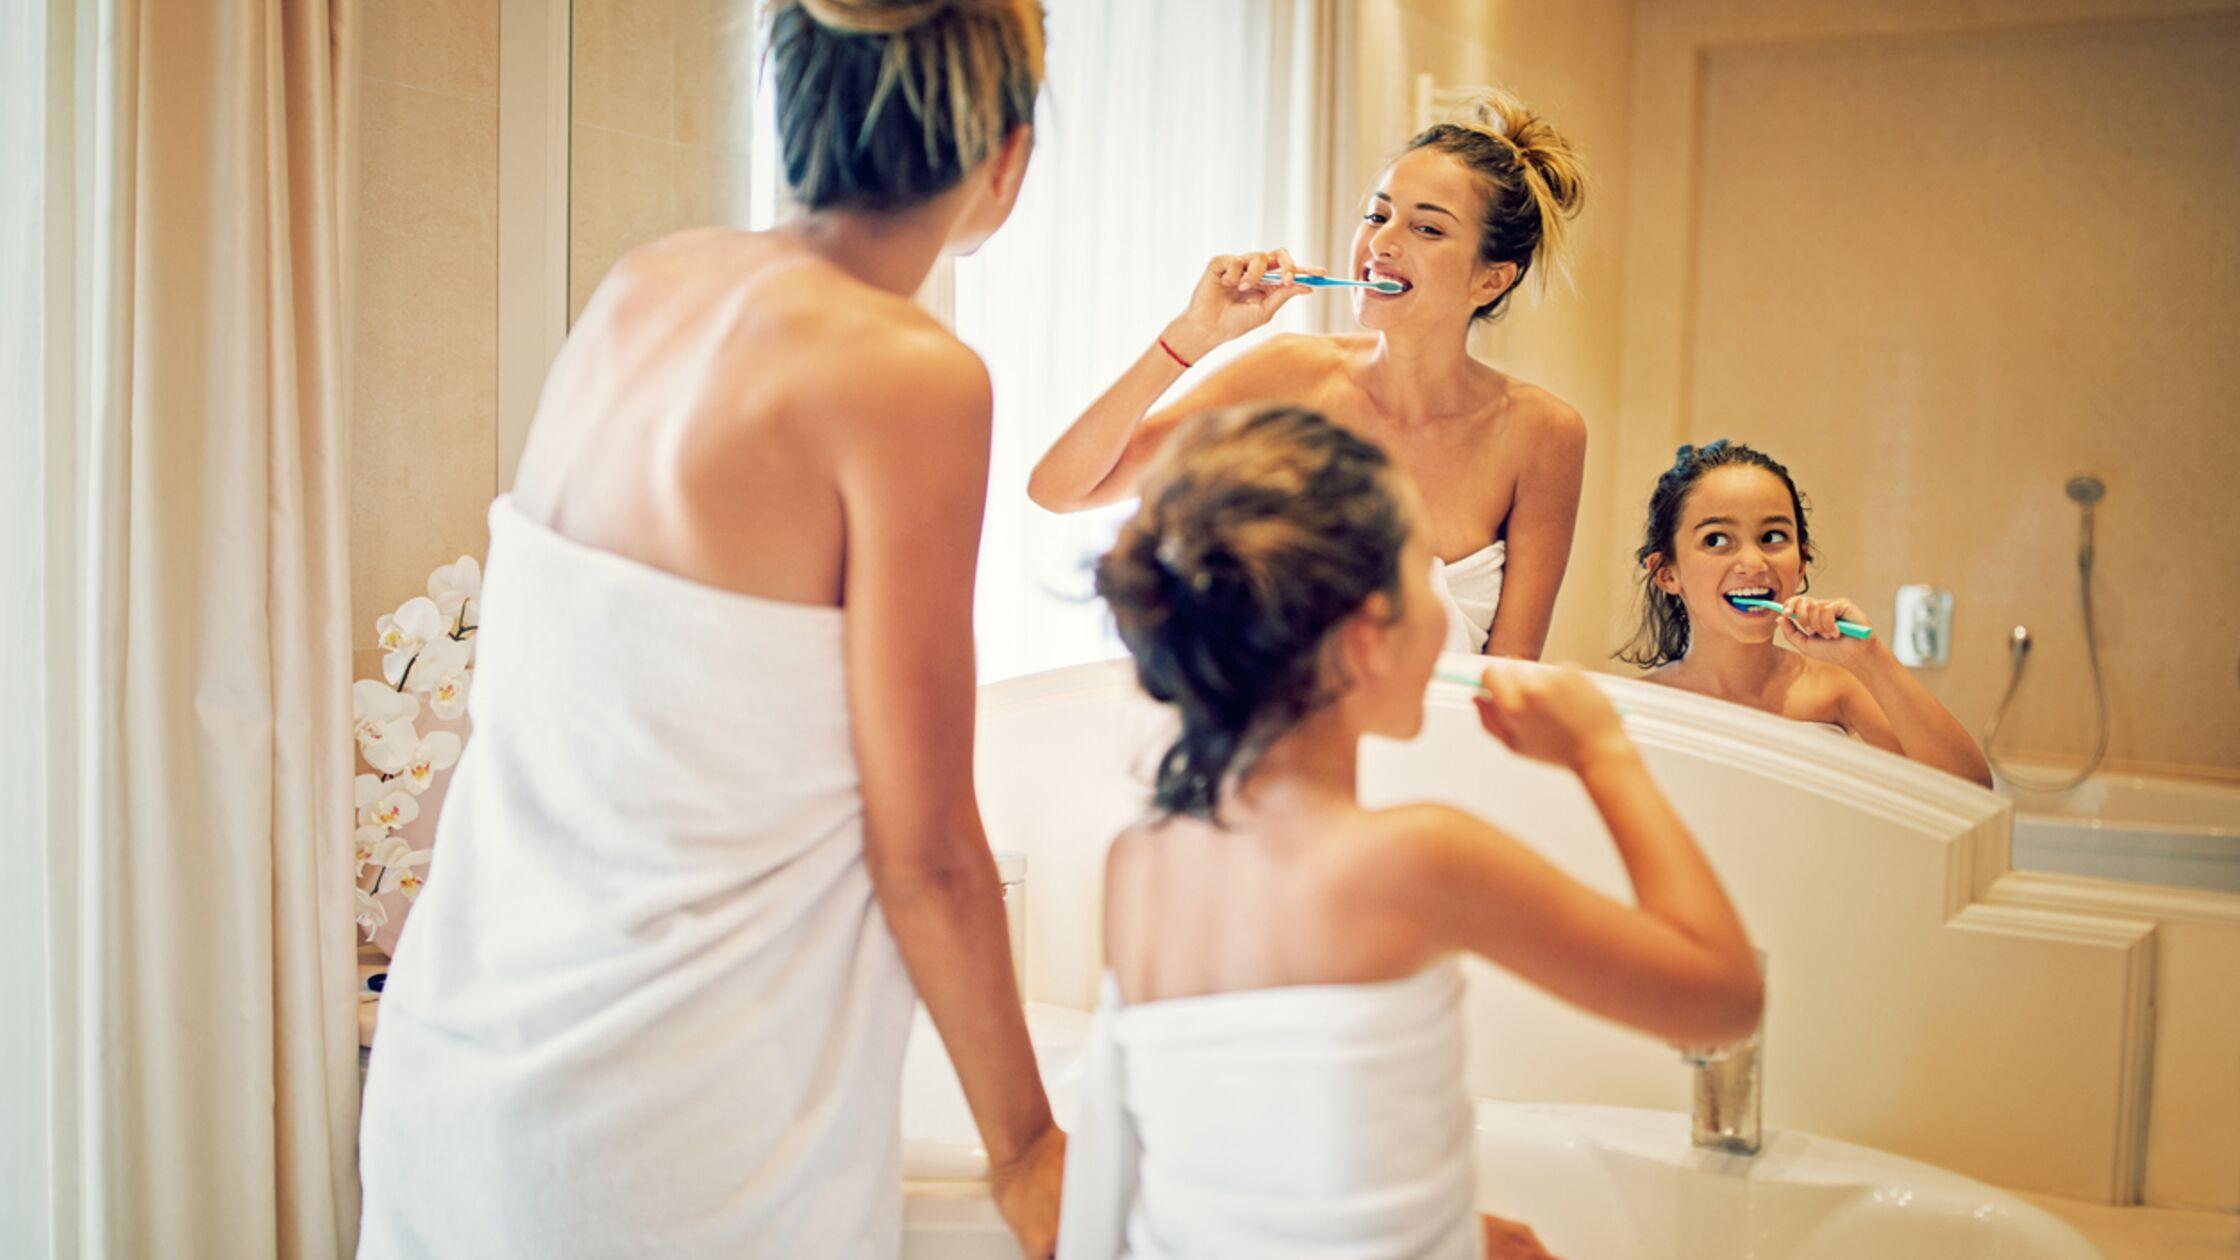 Beleuchtung im Bad: Ideen für Decke, Spiegel und mehr